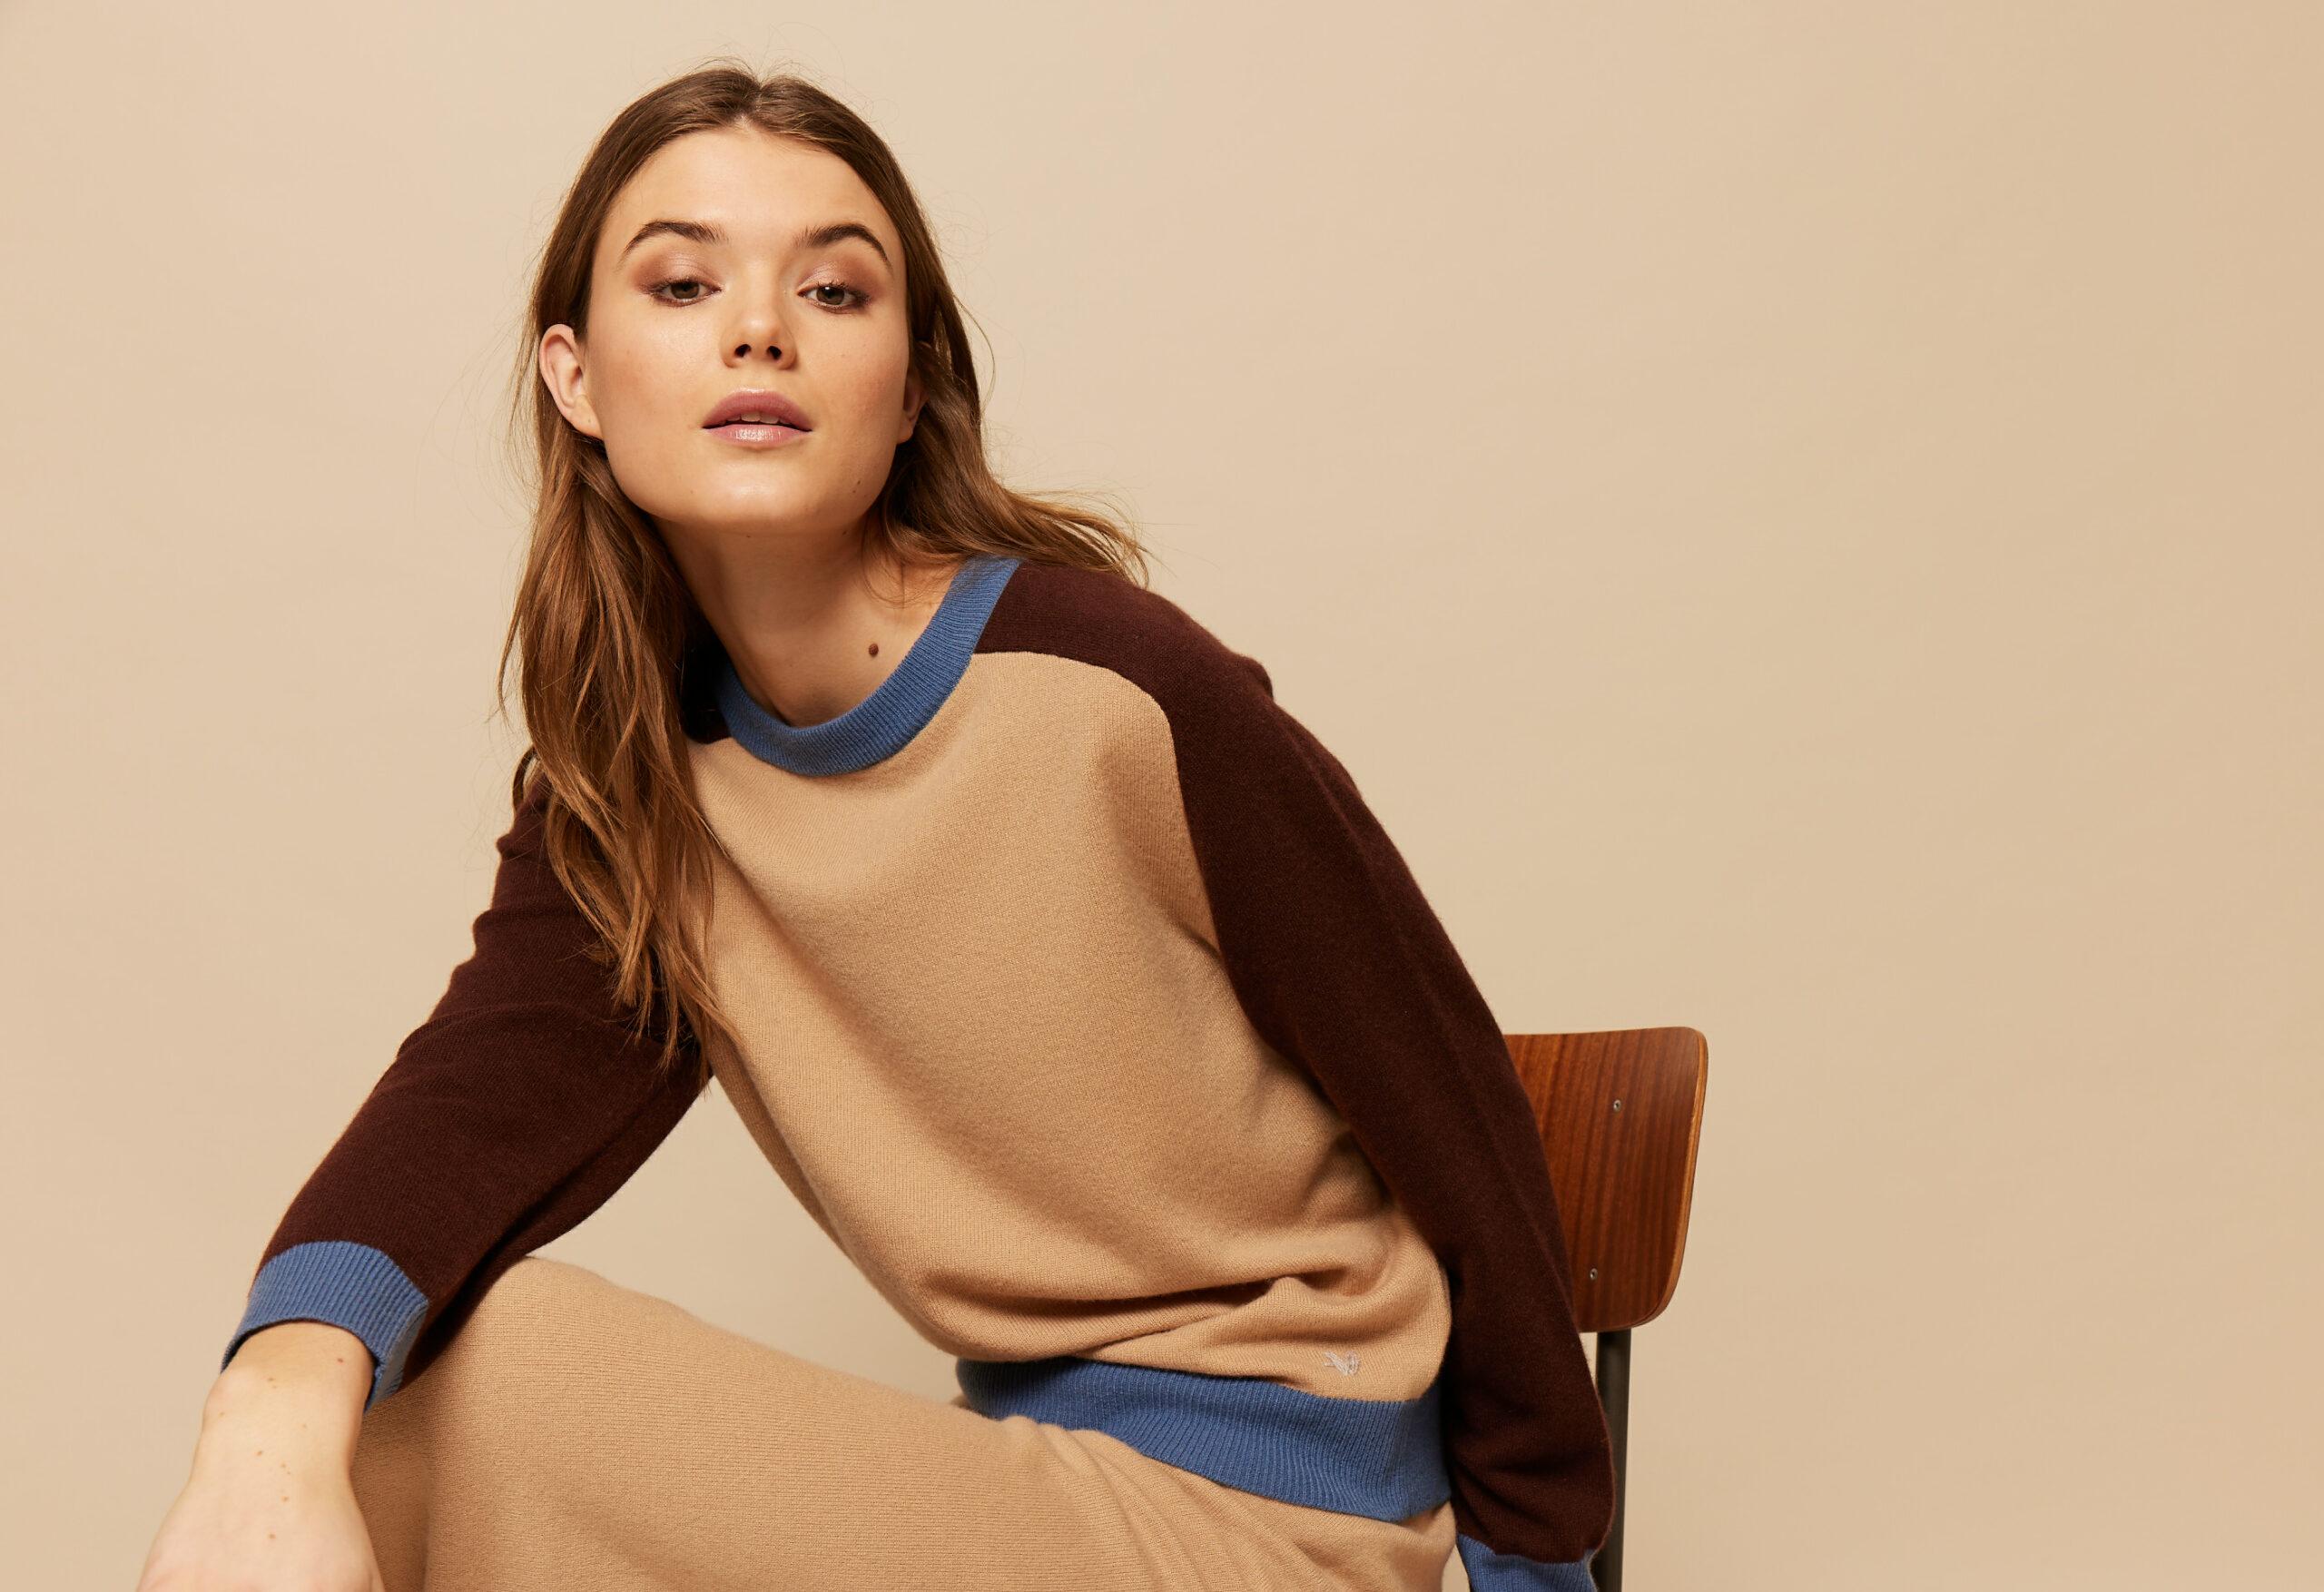 Wuth Copenhagen - Nyeste AW 2021 kollektion kommer snart online. 100% premium cashmere styles til alle